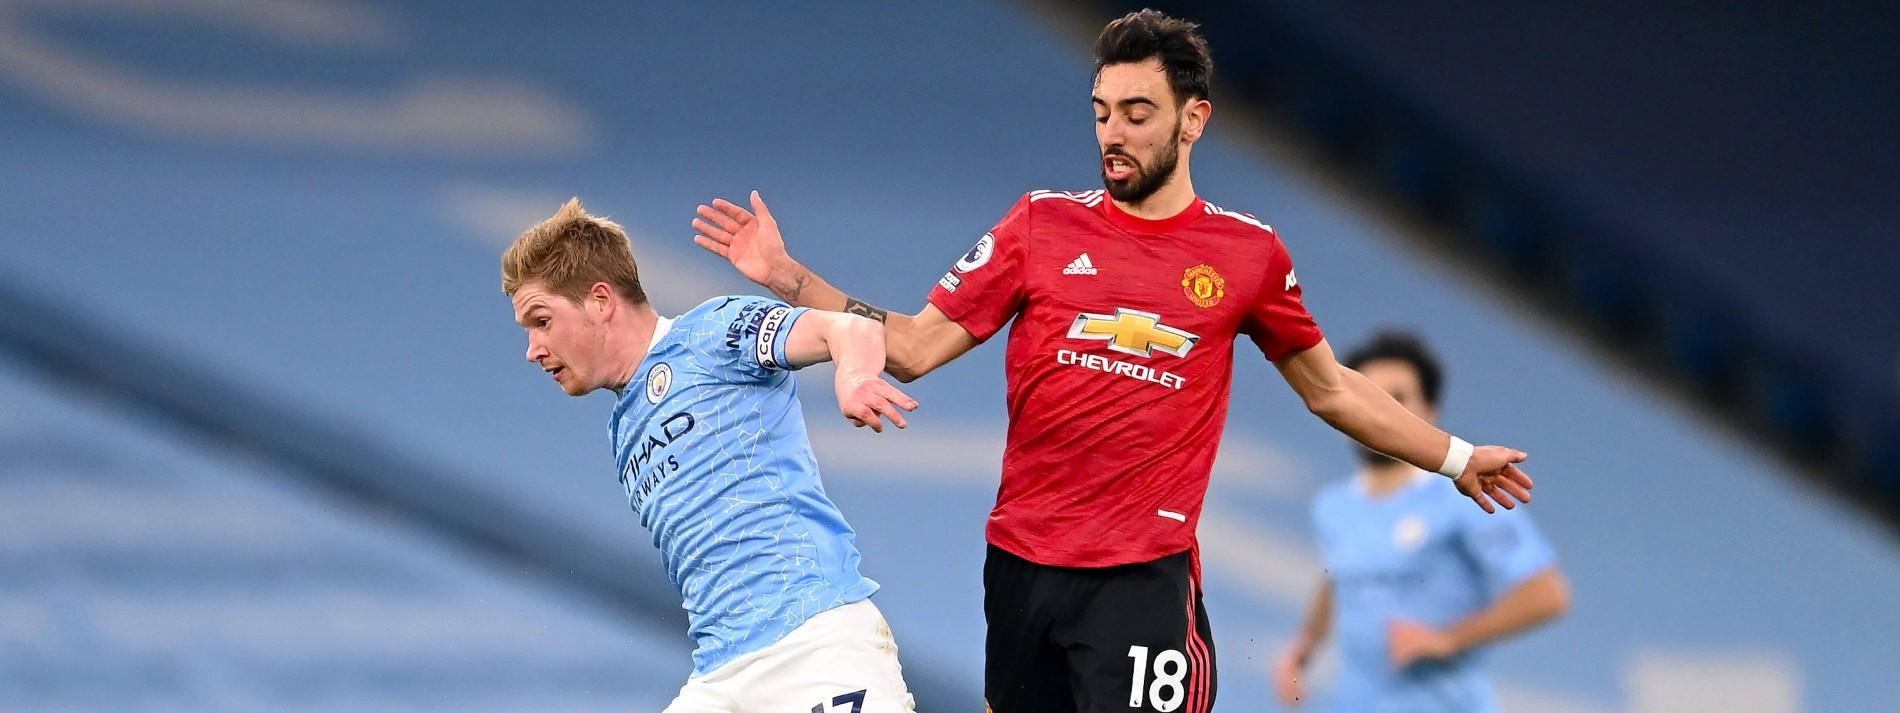 Warum Teamviewer Hauptsponsor von Manchester United wird